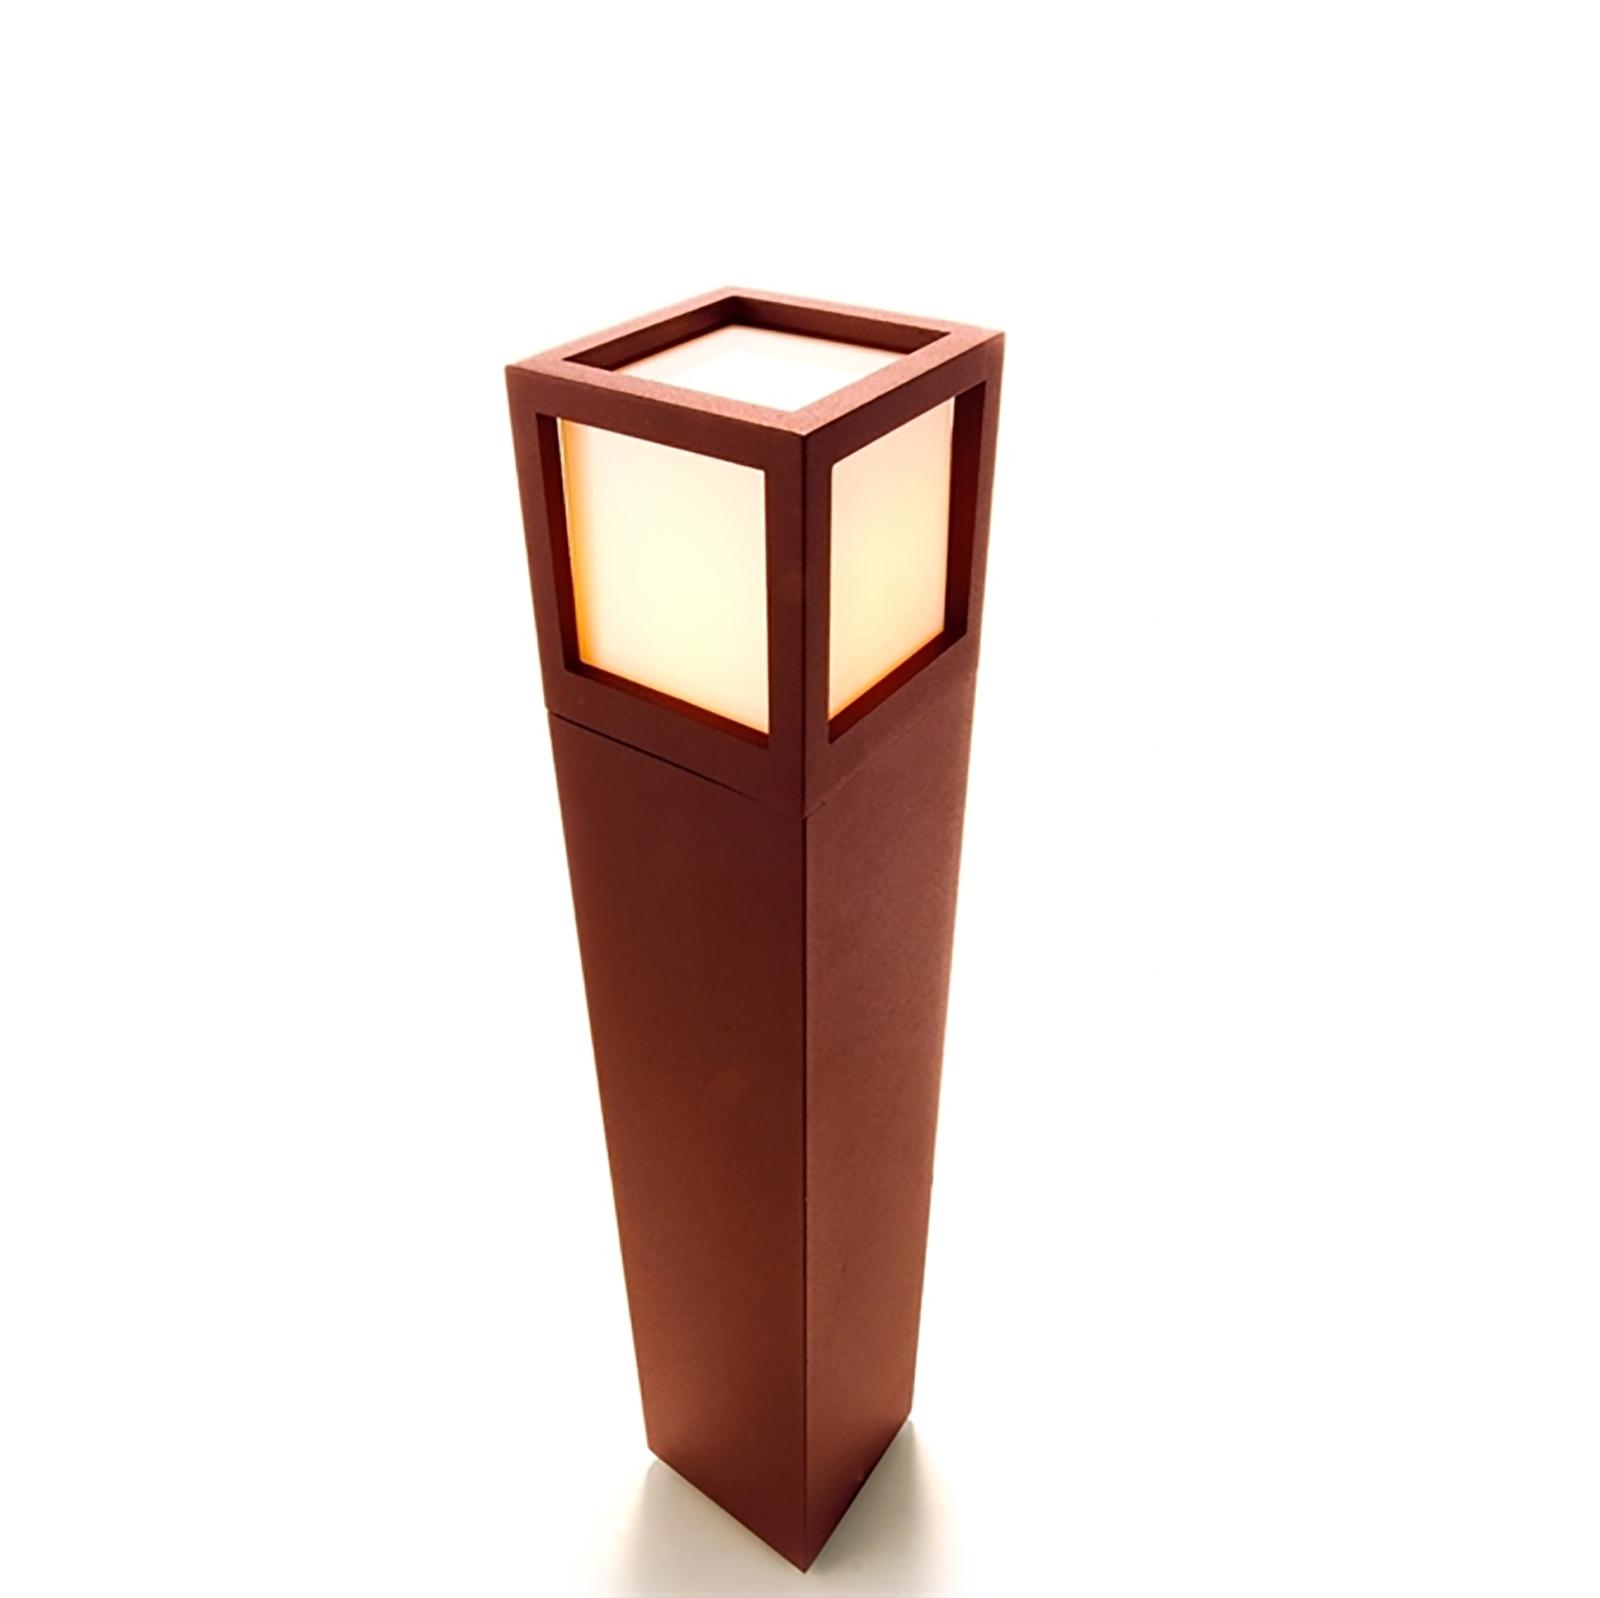 Facado21 pali lampioni e faretti da giardino - Pali per lampioni da giardino ...